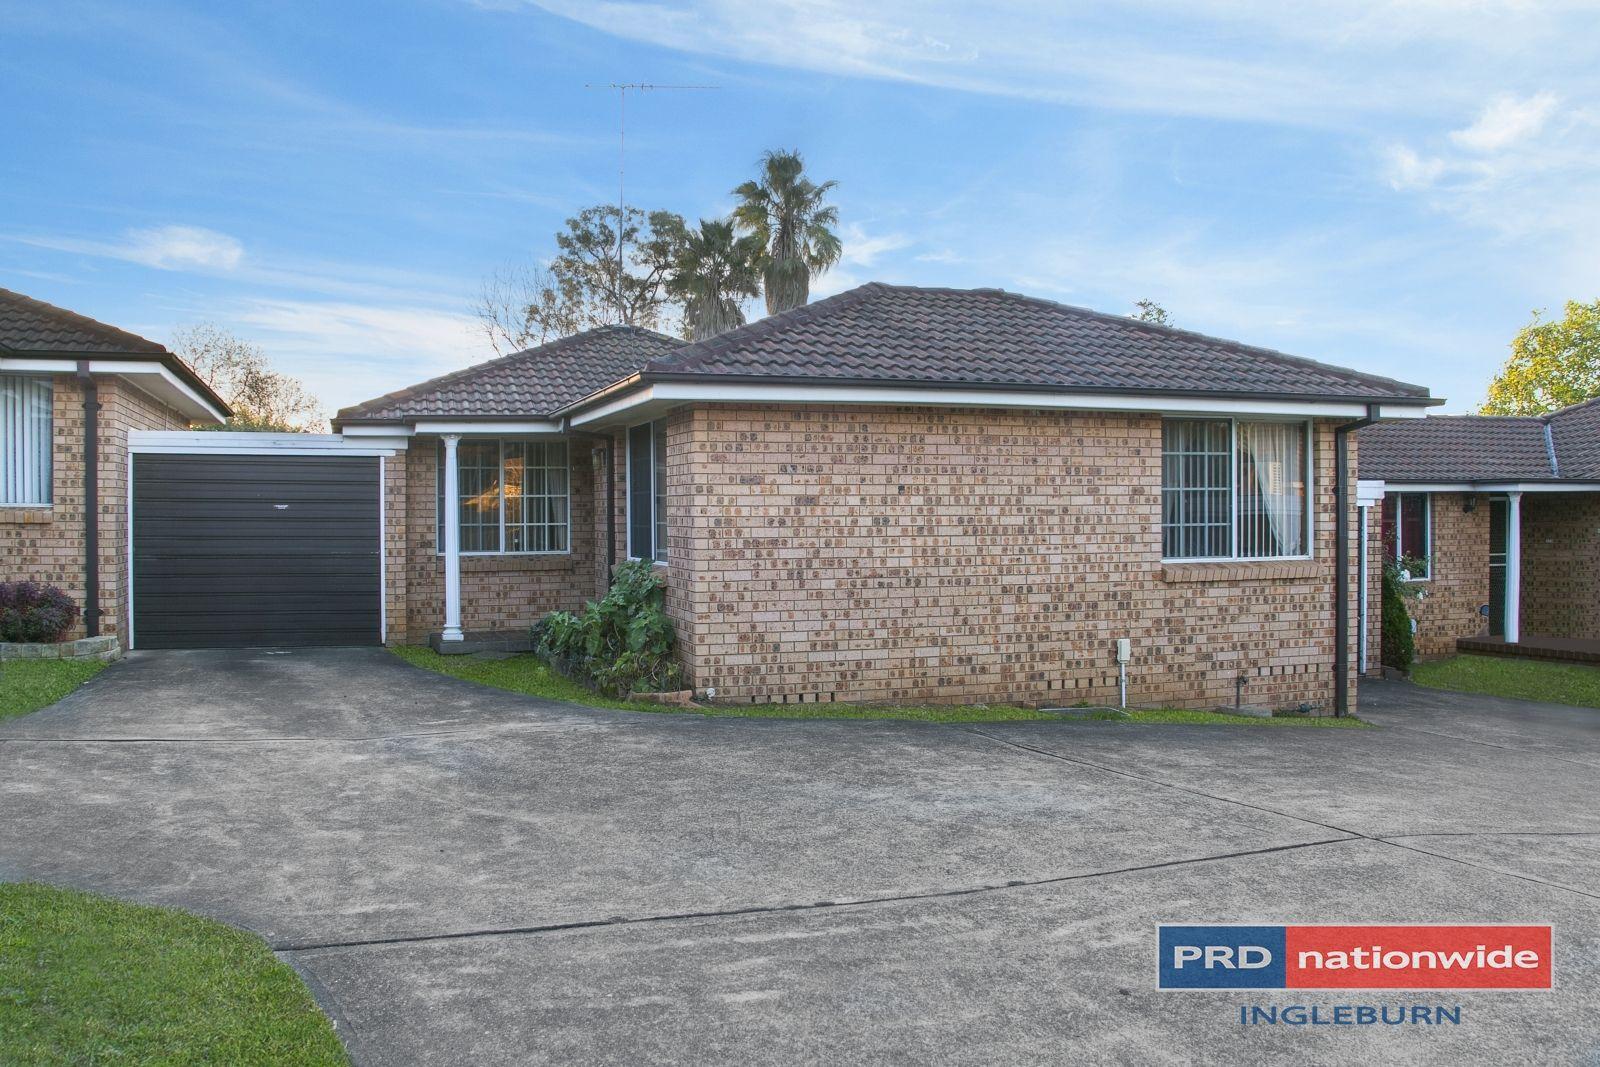 12/4 Sitella Pl, Ingleburn NSW 2565, Image 0